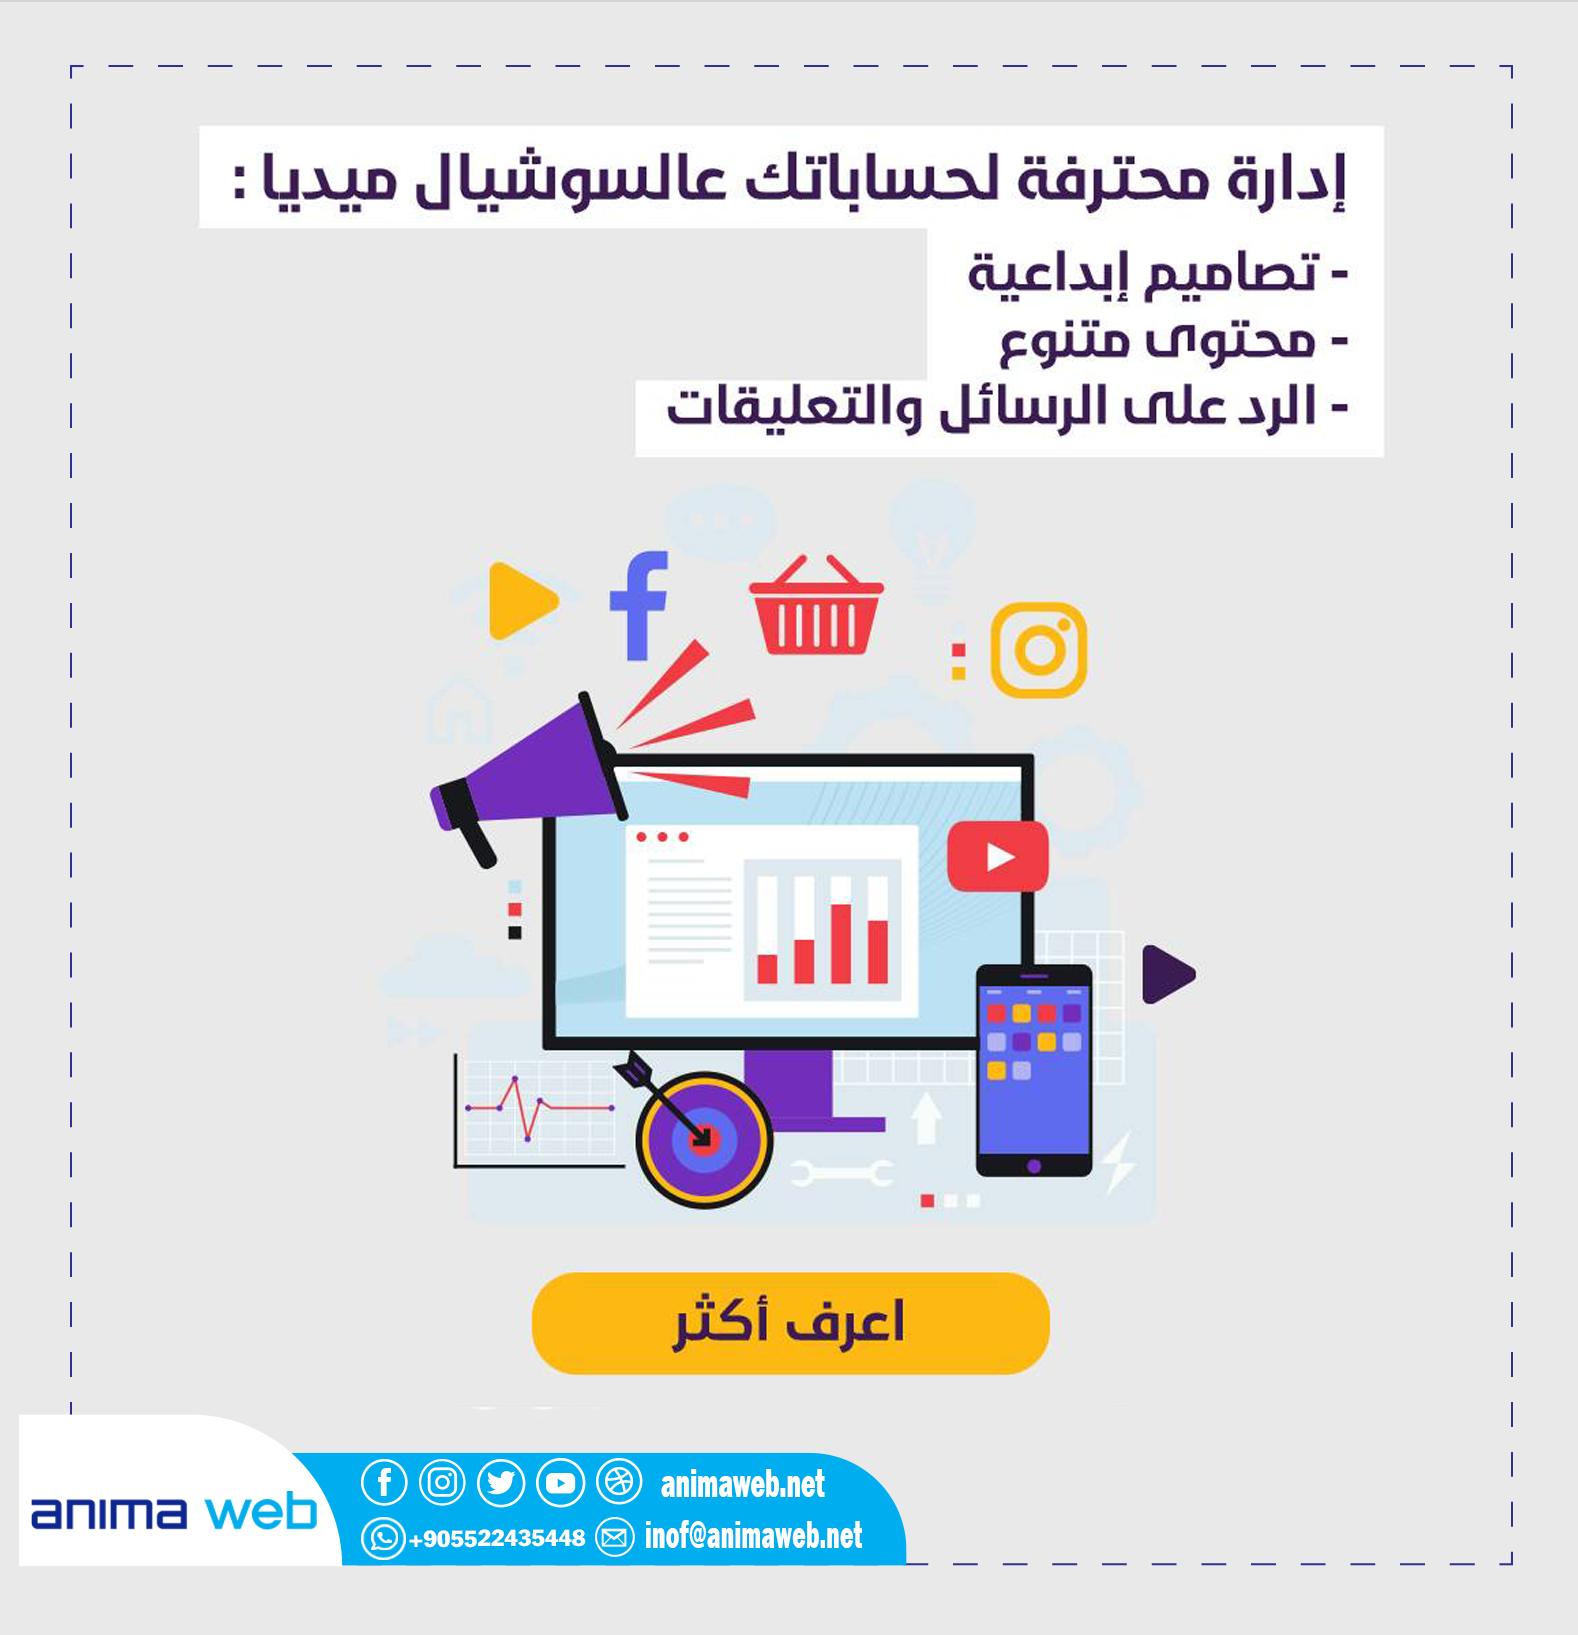 سوشيال ميديا مواقع التواصل الاجتماعي Marketing Social Media Service